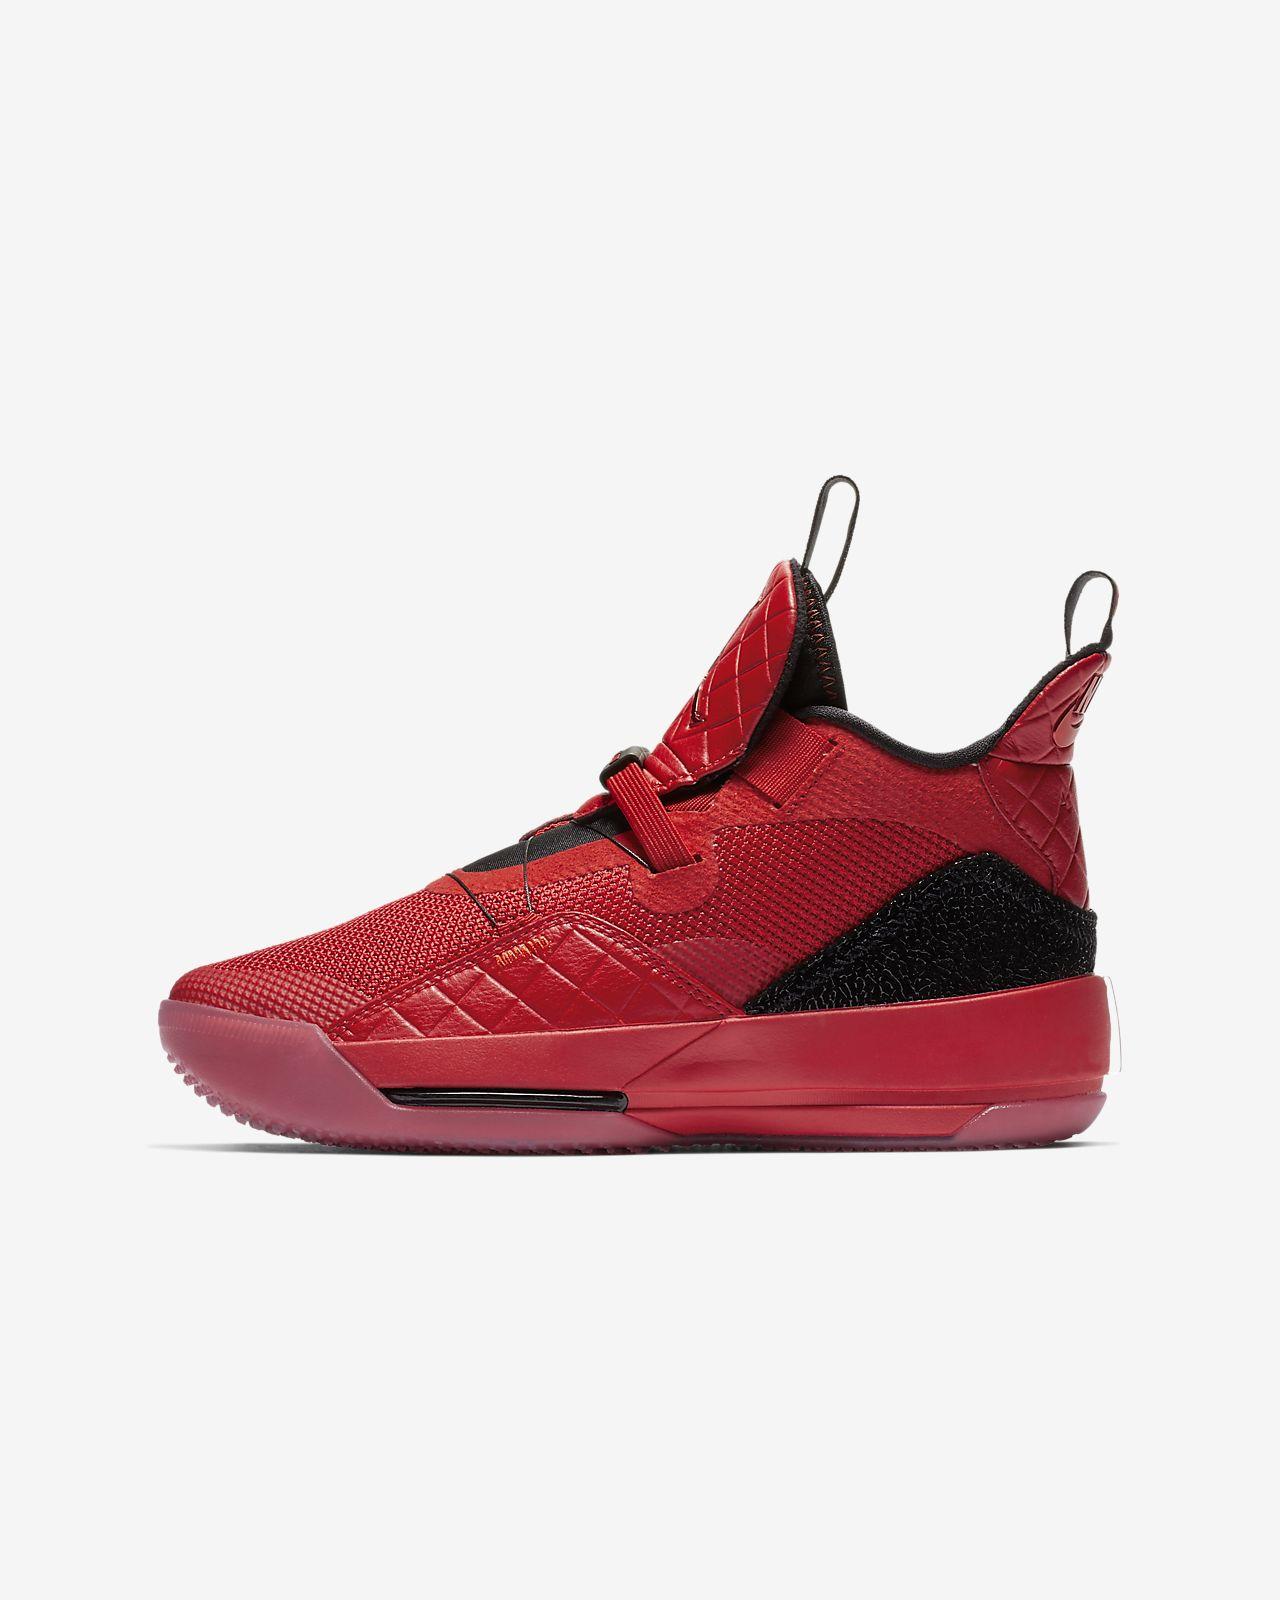 Air Jordan XXXIII Zapatillas de baloncesto - Niño/a